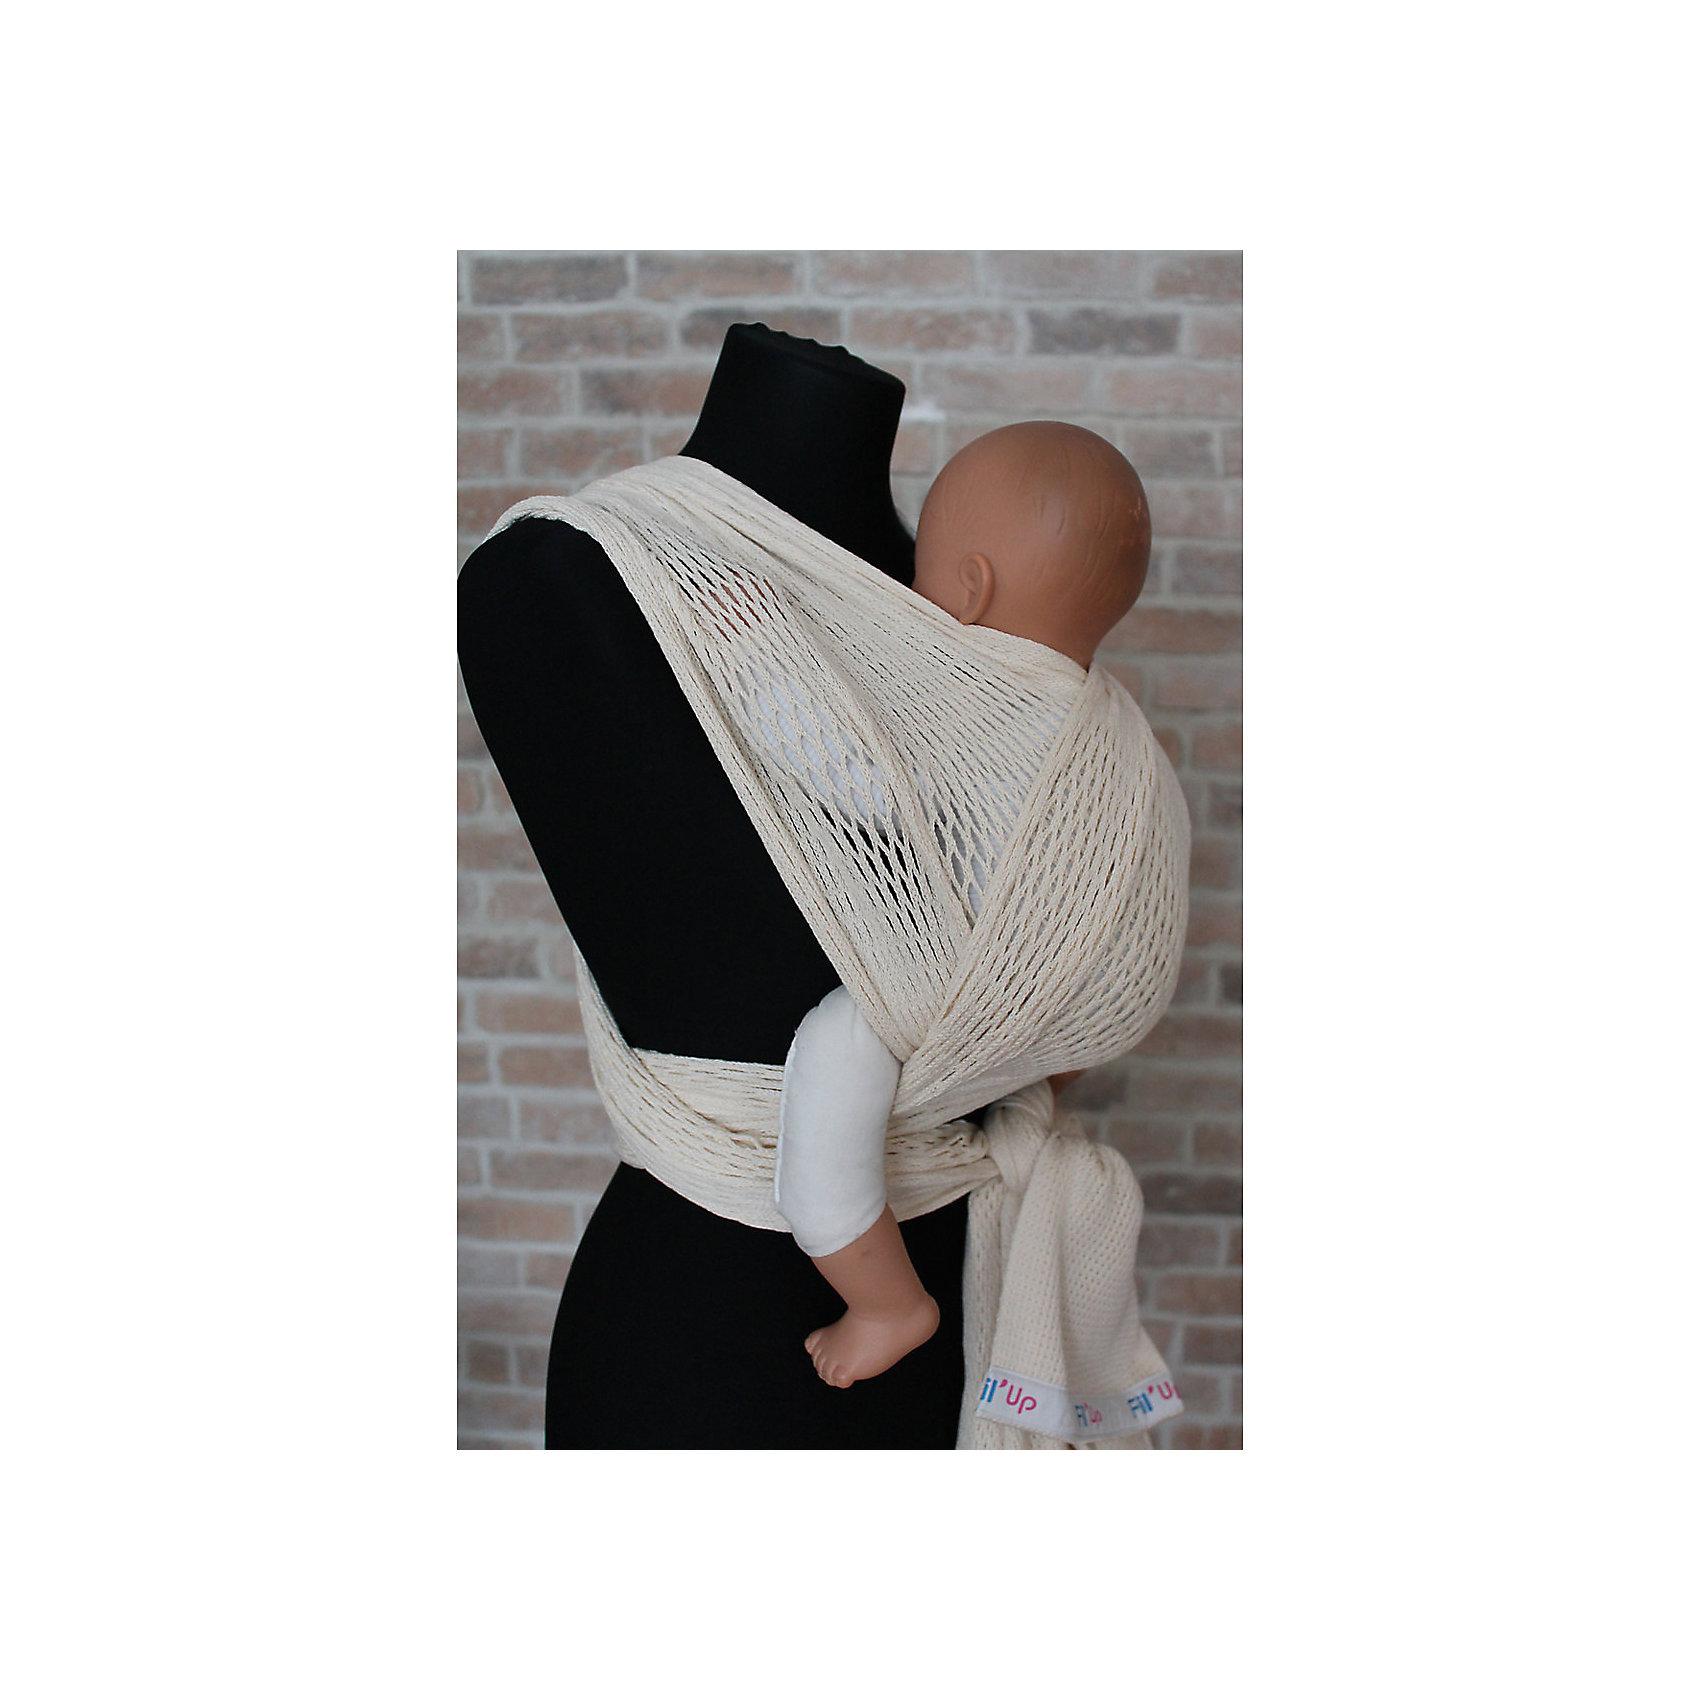 Слинг-шарф из хлопка плетеный размер l-xl, Филап, Filt, экрюСлинги и рюкзаки-переноски<br>Характеристики:<br><br>• разработан совместно с врачами-ортопедами;<br>• обеспечивает оптимальную поддержку ребенка;<br>• легко наматывается;<br>• два способа намотки: «простой крест» и «двойной крест»;<br>• равномерно распределяет нагрузку на спину;<br>• основное положение: лицом к маме;<br>• подходит для автоматической стирки при температуре 30 градусов;<br>• сумочка в комплекте;<br>• цвет: экрю;<br>• материал: хлопок;<br>• возраст ребенка: 3 месяца-2 года (до 15 кг);<br>• размер слинга: 4,8х0,5 м;<br>• размер упаковки: 24х26х7 см;<br>• вес: 430 грамм;<br>• страна бренда: Франция.<br><br>Слинг-шарф FilUp - прекрасный вариант для любого сезона. Главная особенность модели - сетчатое плетение из натурального хлопка. Такой вид полотна не позволит ребенку перегреться за счет отсутствия дополнительного слоя ткани, свойственного для обычных слингов.<br><br>Возможны три положения ребенка в слинге: лицом к маме, на боку и за спиной. Полотно слинг-шарфа легко растягивается и обладает необходимой упругостью для правильной посадки ребенка.<br><br>Концы слинга сделаны более узкими, чтобы вы могли убрать лишнюю ткань. Средняя, более широкая часть поддерживает ножки ребенка в позе «лягушки», что немаловажно для правильного развития тазобедренных суставов. <br><br>Слинг-шарф подходит для ручной и автоматической стирки при температуре 30 градусов. Длина полотна - 4,8 метра. Ширина полотна - 0,5 метра. Подходит для детей от 3-4-х месяцев до 1,5-2-х лет (весом до 15 килограммов). В комплект входит сумочка-авоська, которая подойдет для бутылочек, салфеток и прочих необходимых предметов.<br><br>Слинг-шарф из хлопка плетеный размер l-xl, Филап, Filt (Филт), экрю можно купить в нашем интернет-магазине.<br><br>Ширина мм: 800<br>Глубина мм: 800<br>Высота мм: 50<br>Вес г: 500<br>Возраст от месяцев: 0<br>Возраст до месяцев: 12<br>Пол: Унисекс<br>Возраст: Детский<br>SKU: 5445101